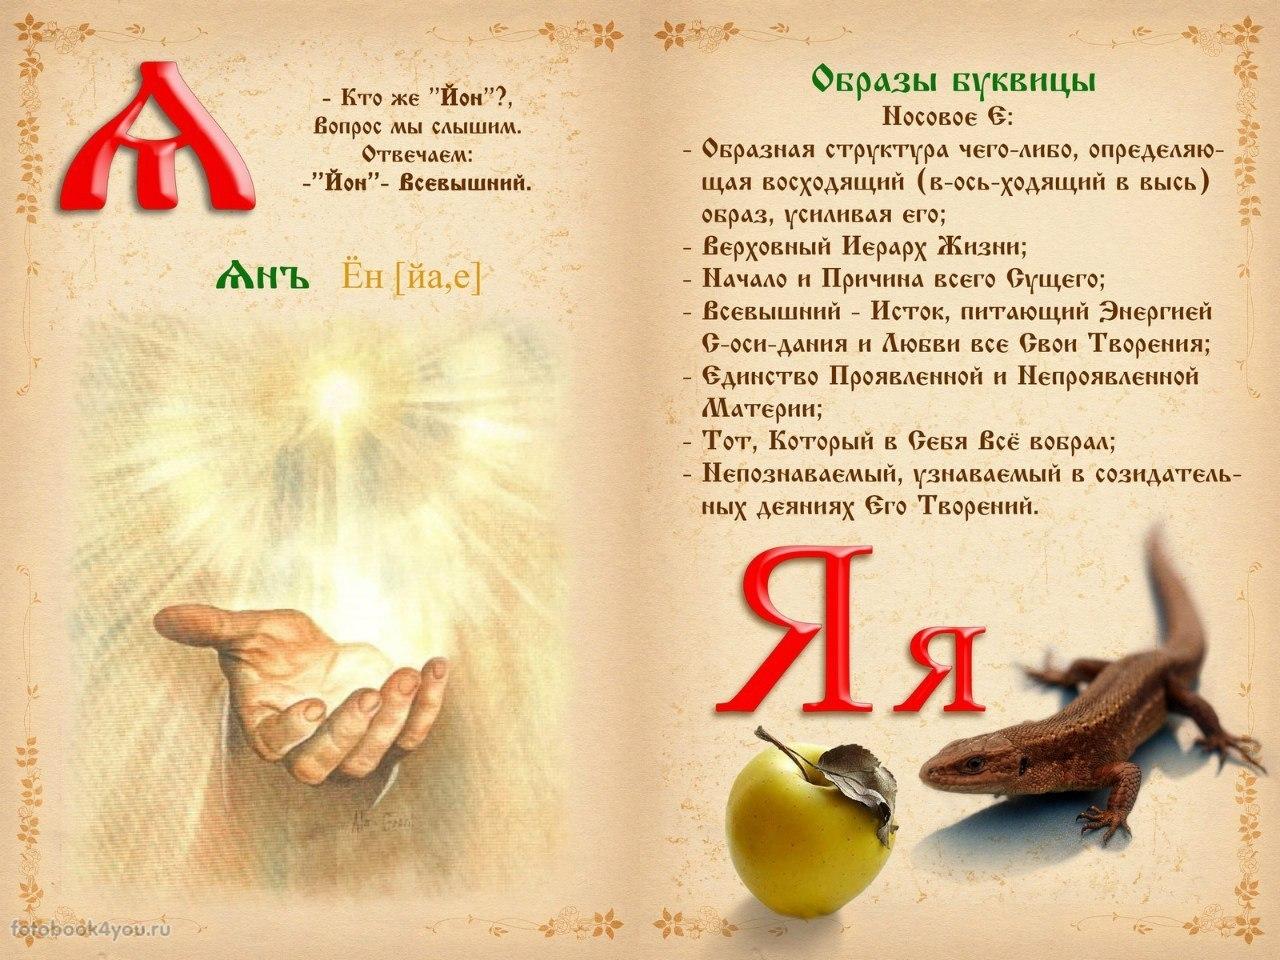 буквы славянского алфавита в картинках продаются отдельно оптикатеди